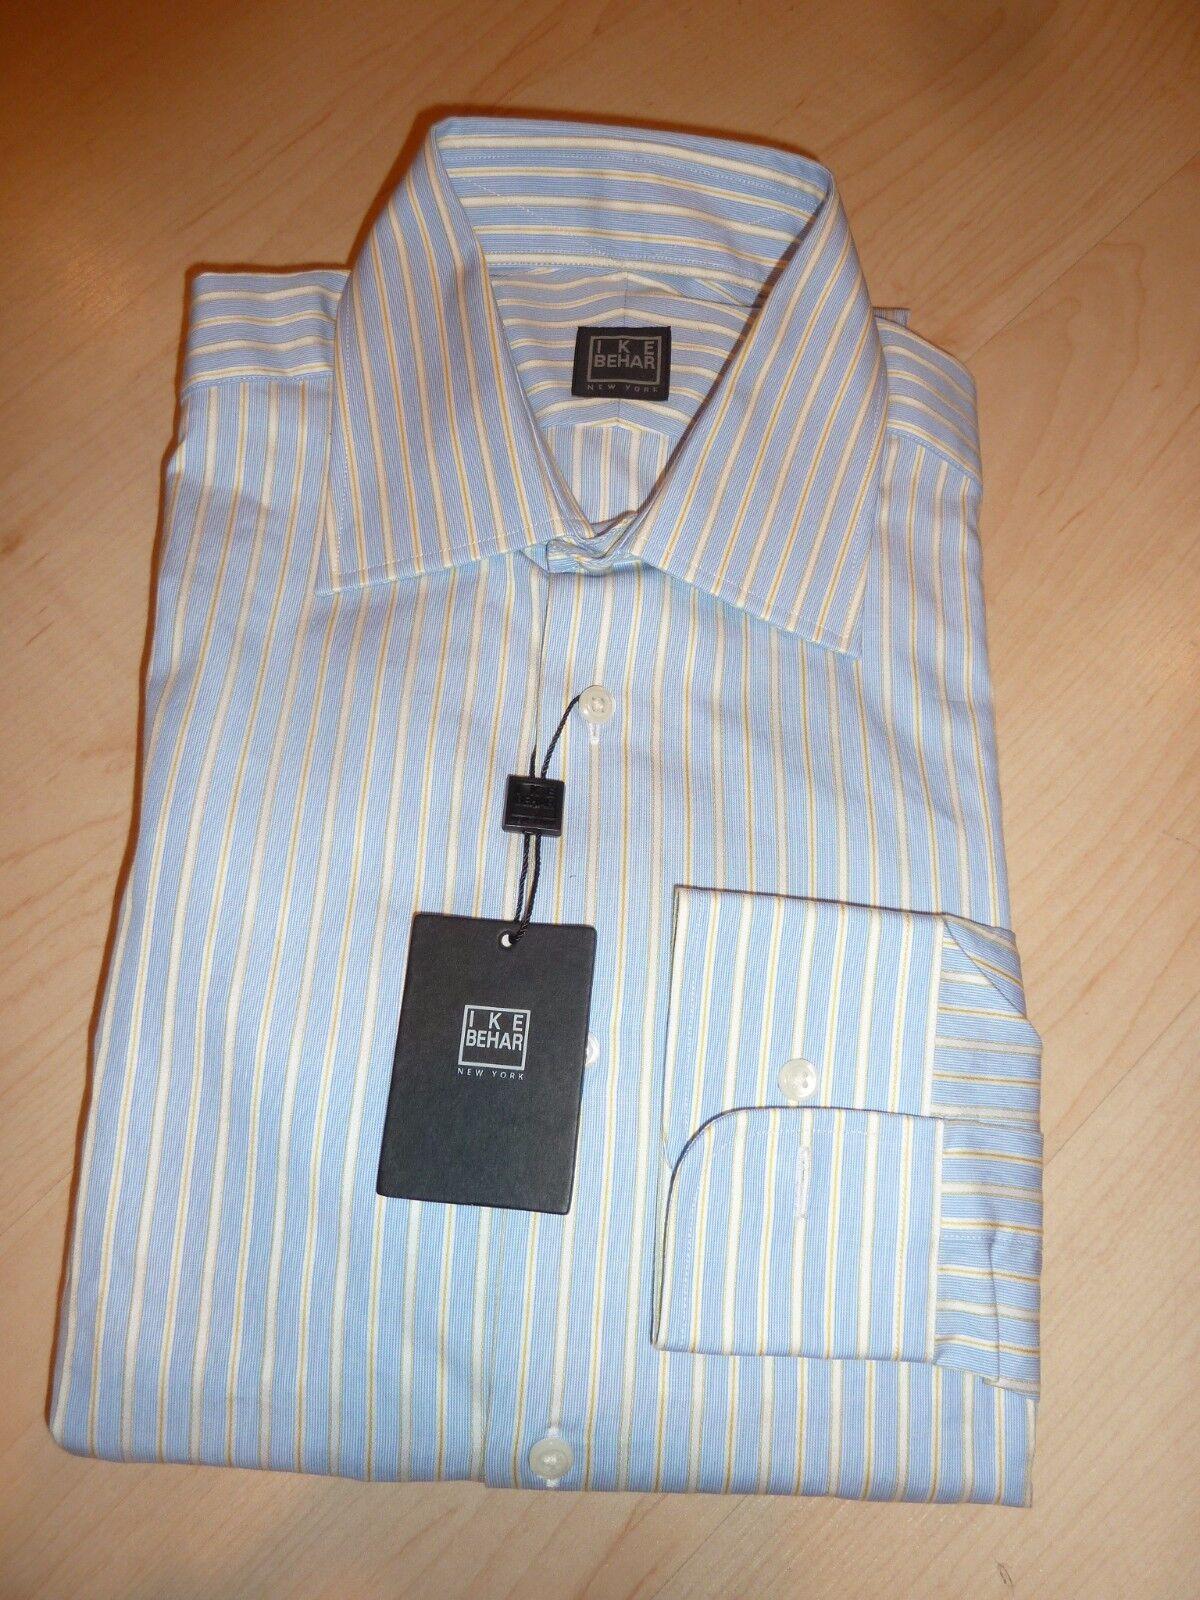 NEW  190 IKE BEHAR herren hemd Sz 15.5 34 35 NWT 100% baumwolle Blau BC 2